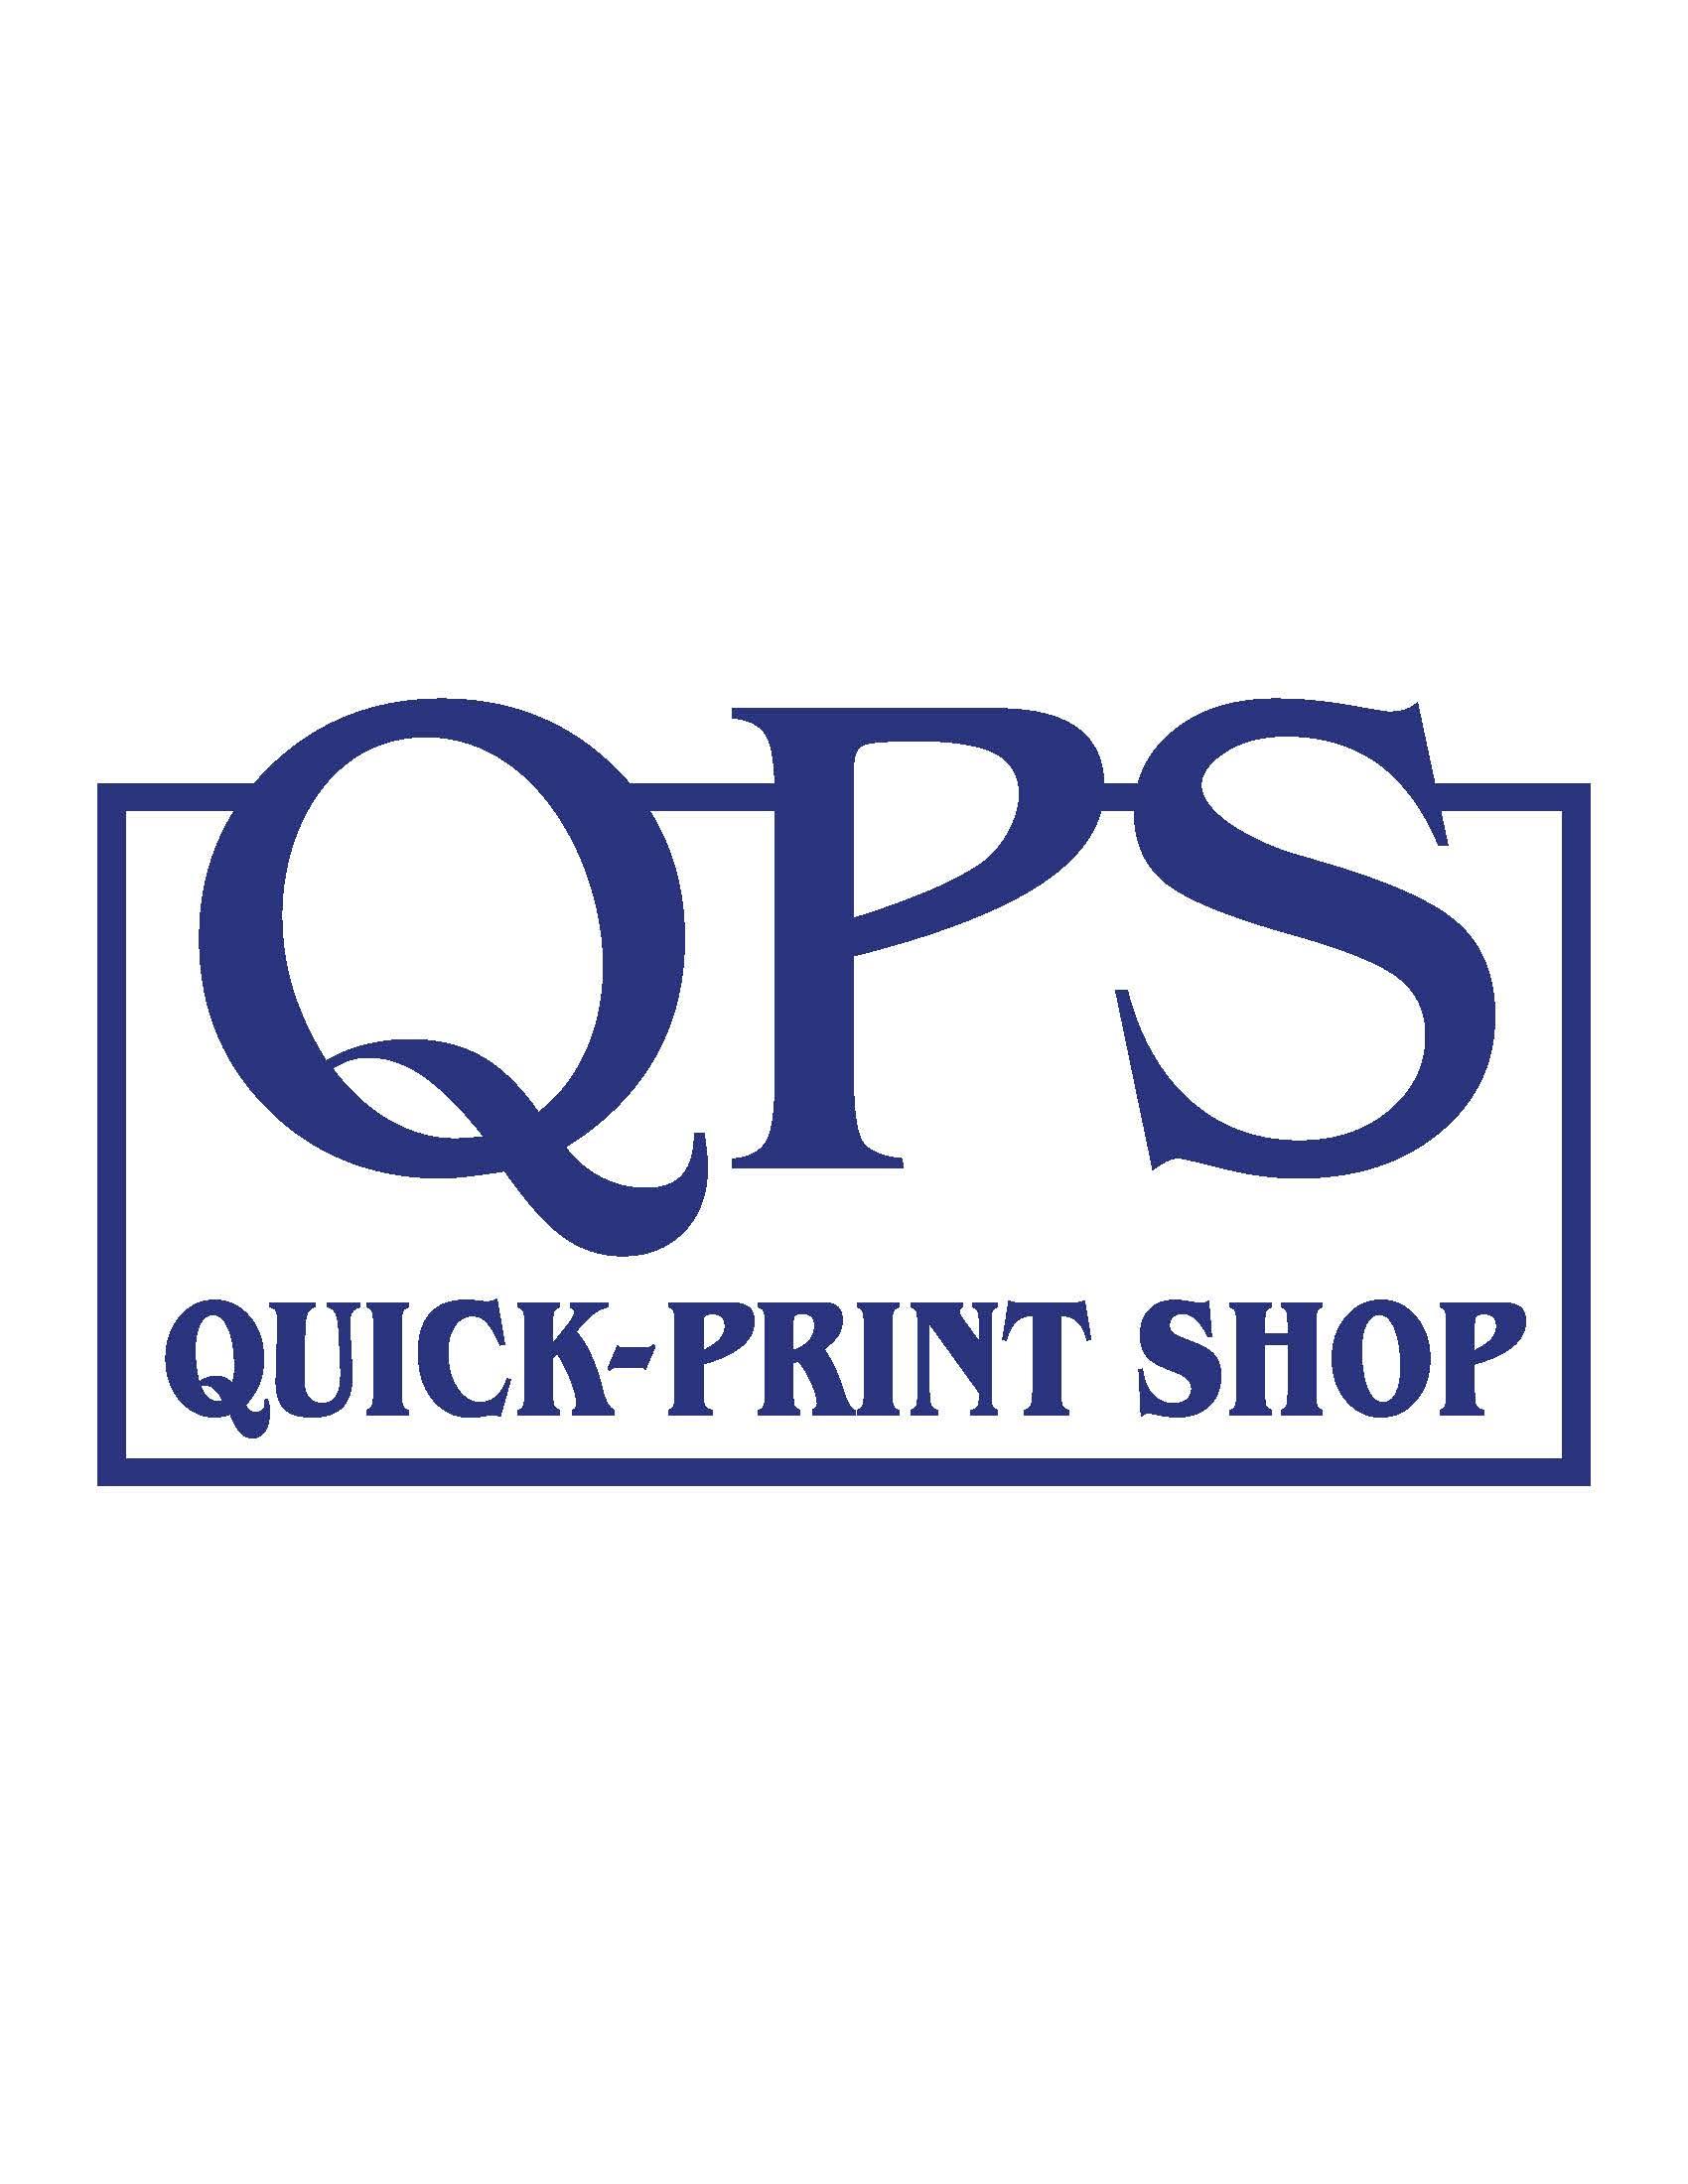 Quick Print Shop 2018 Sponsor